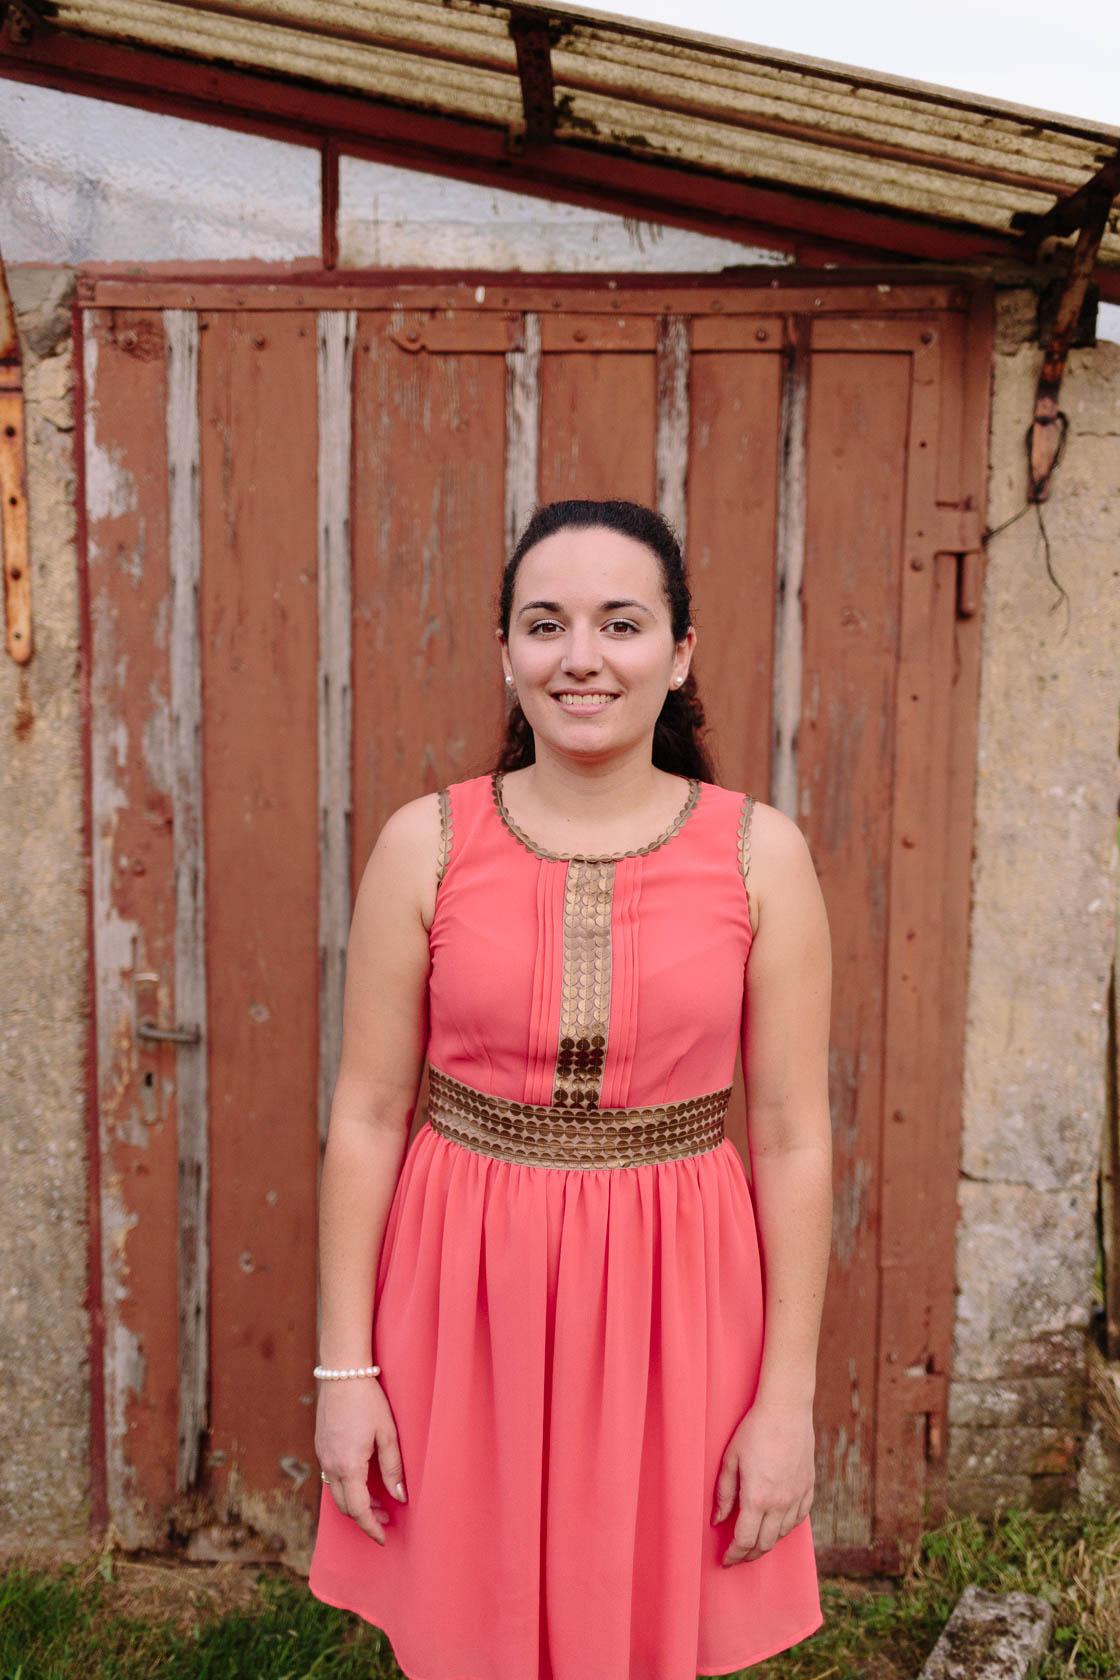 Engagement Fotoshooting von Laura und Viktor in Karlsbad einzelportrait Frau vor Holztür